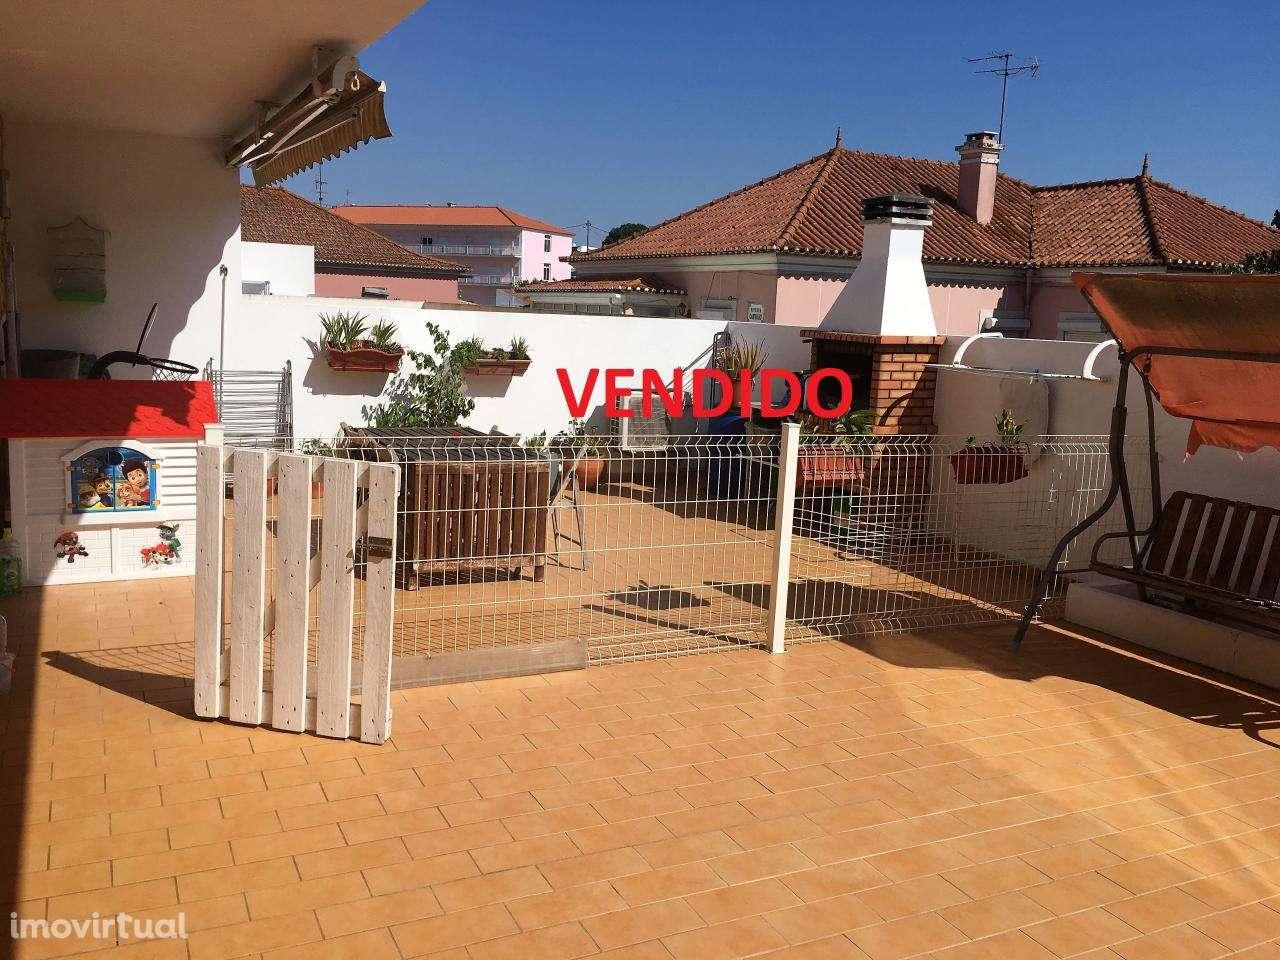 Apartamento para comprar, Venda do Pinheiro e Santo Estêvão das Galés, Mafra, Lisboa - Foto 1